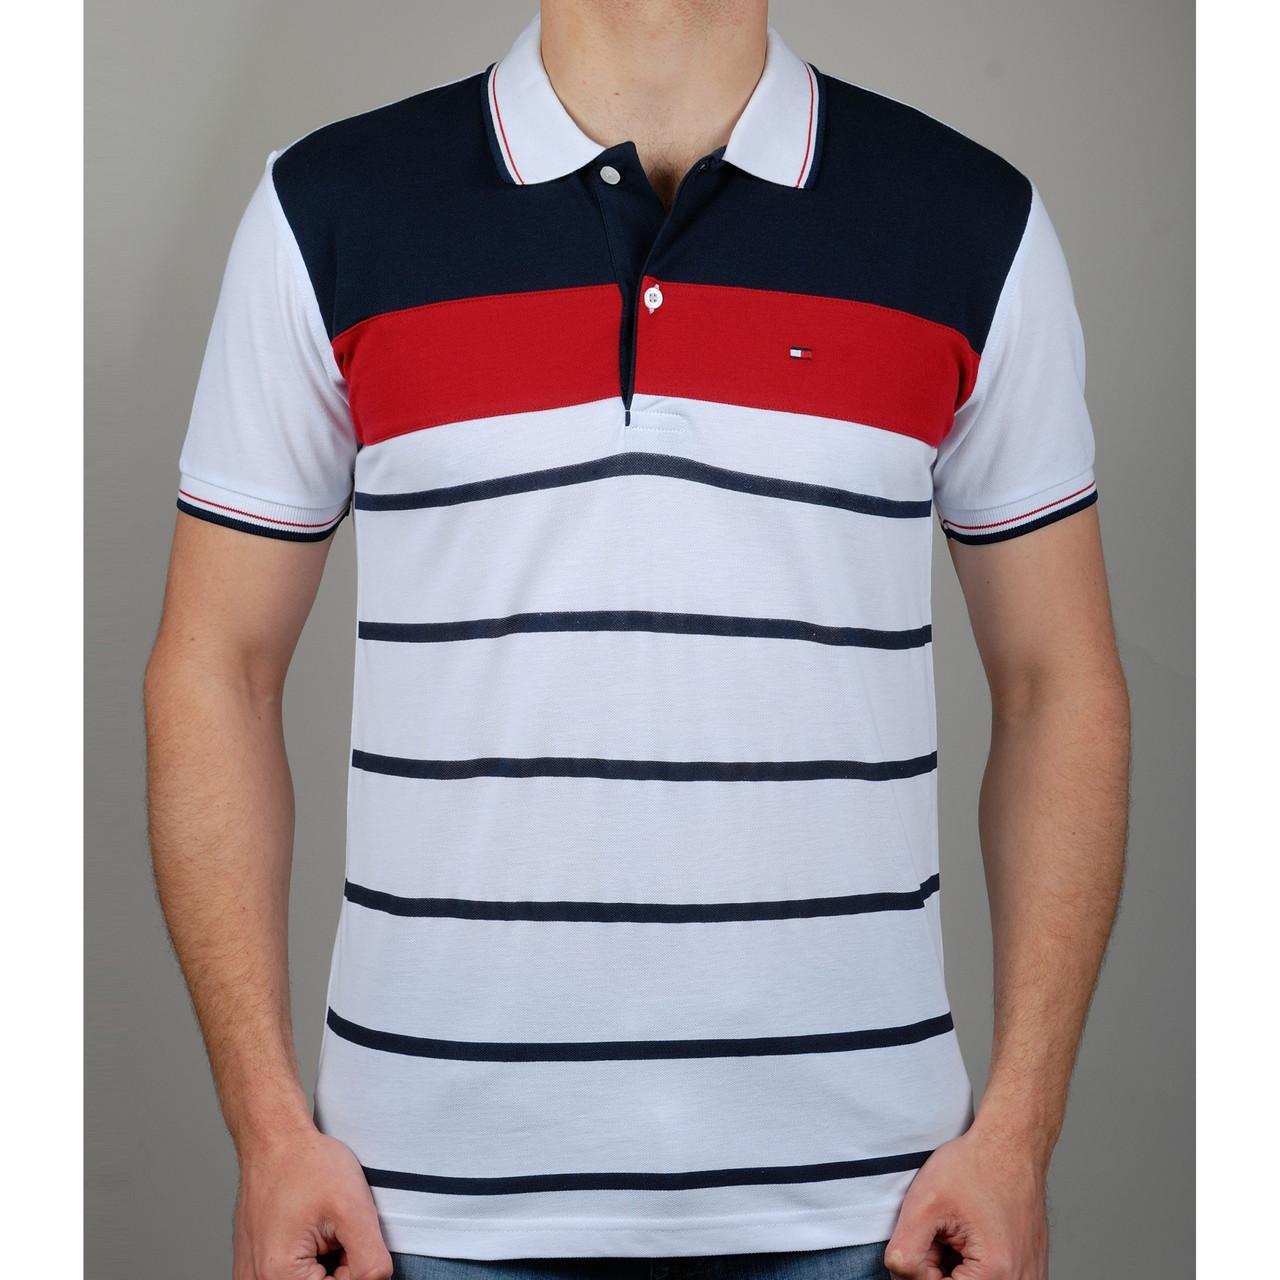 Мужская футболка поло TOMMY HILFIGER 20874 белая - Брендовая одежда от  интернет-магазина «Trendy c66ba4c2fe742